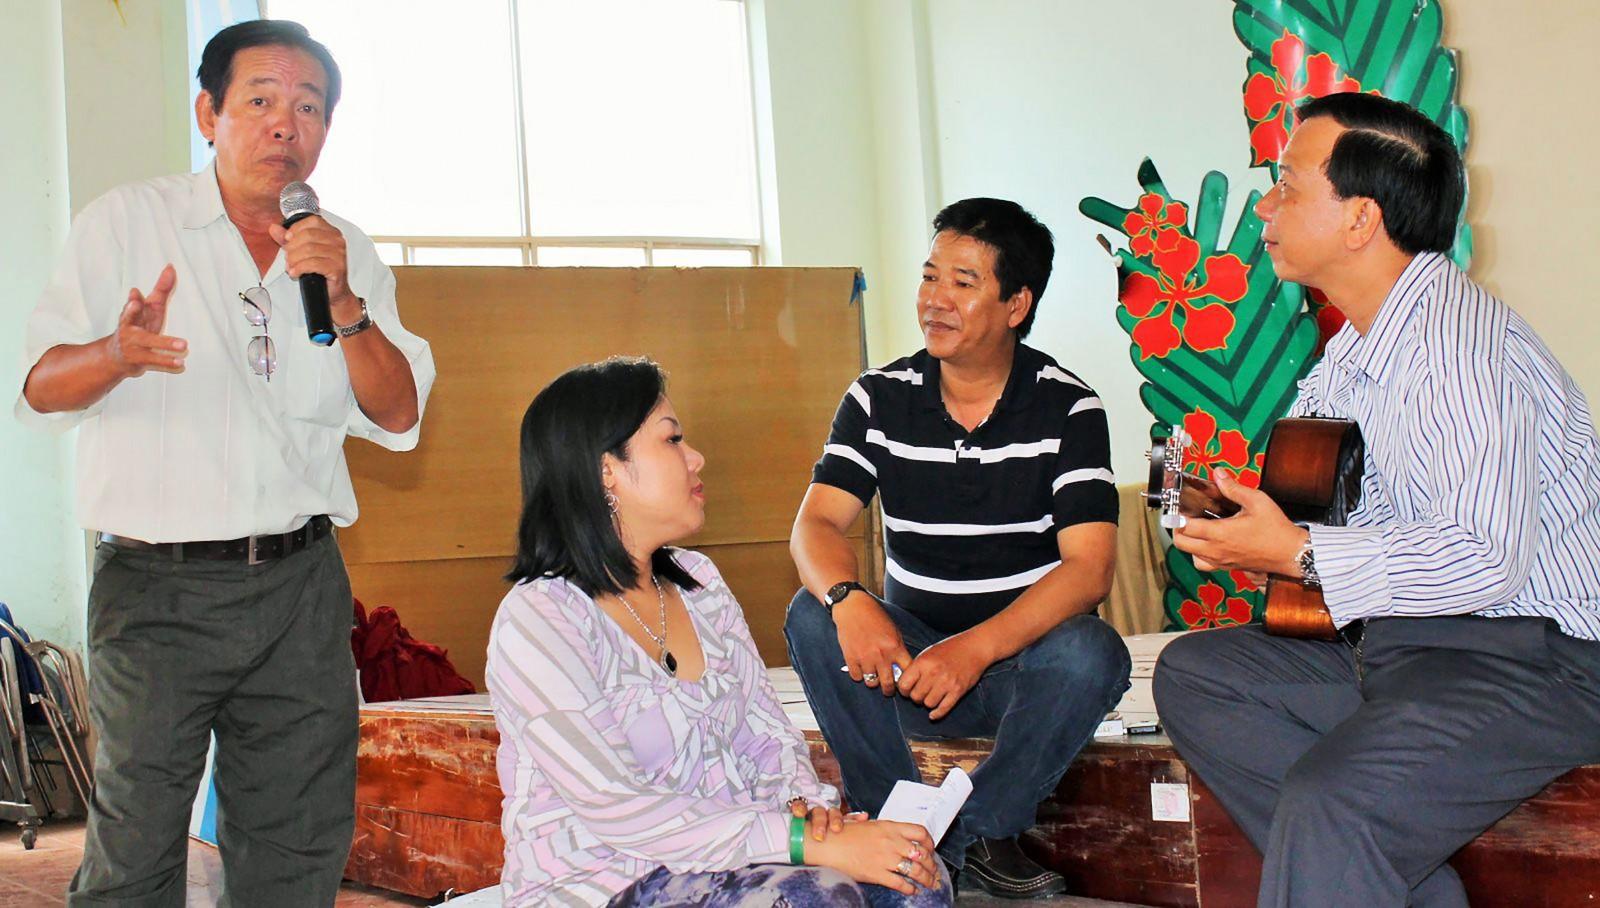 NNƯT Đào Xinh (đứng) và NNƯT Thanh Tùng (thứ 2, từ phải qua) trong một buổi sinh hoạt đờn ca tài tử. Ảnh: DUY KHÔI